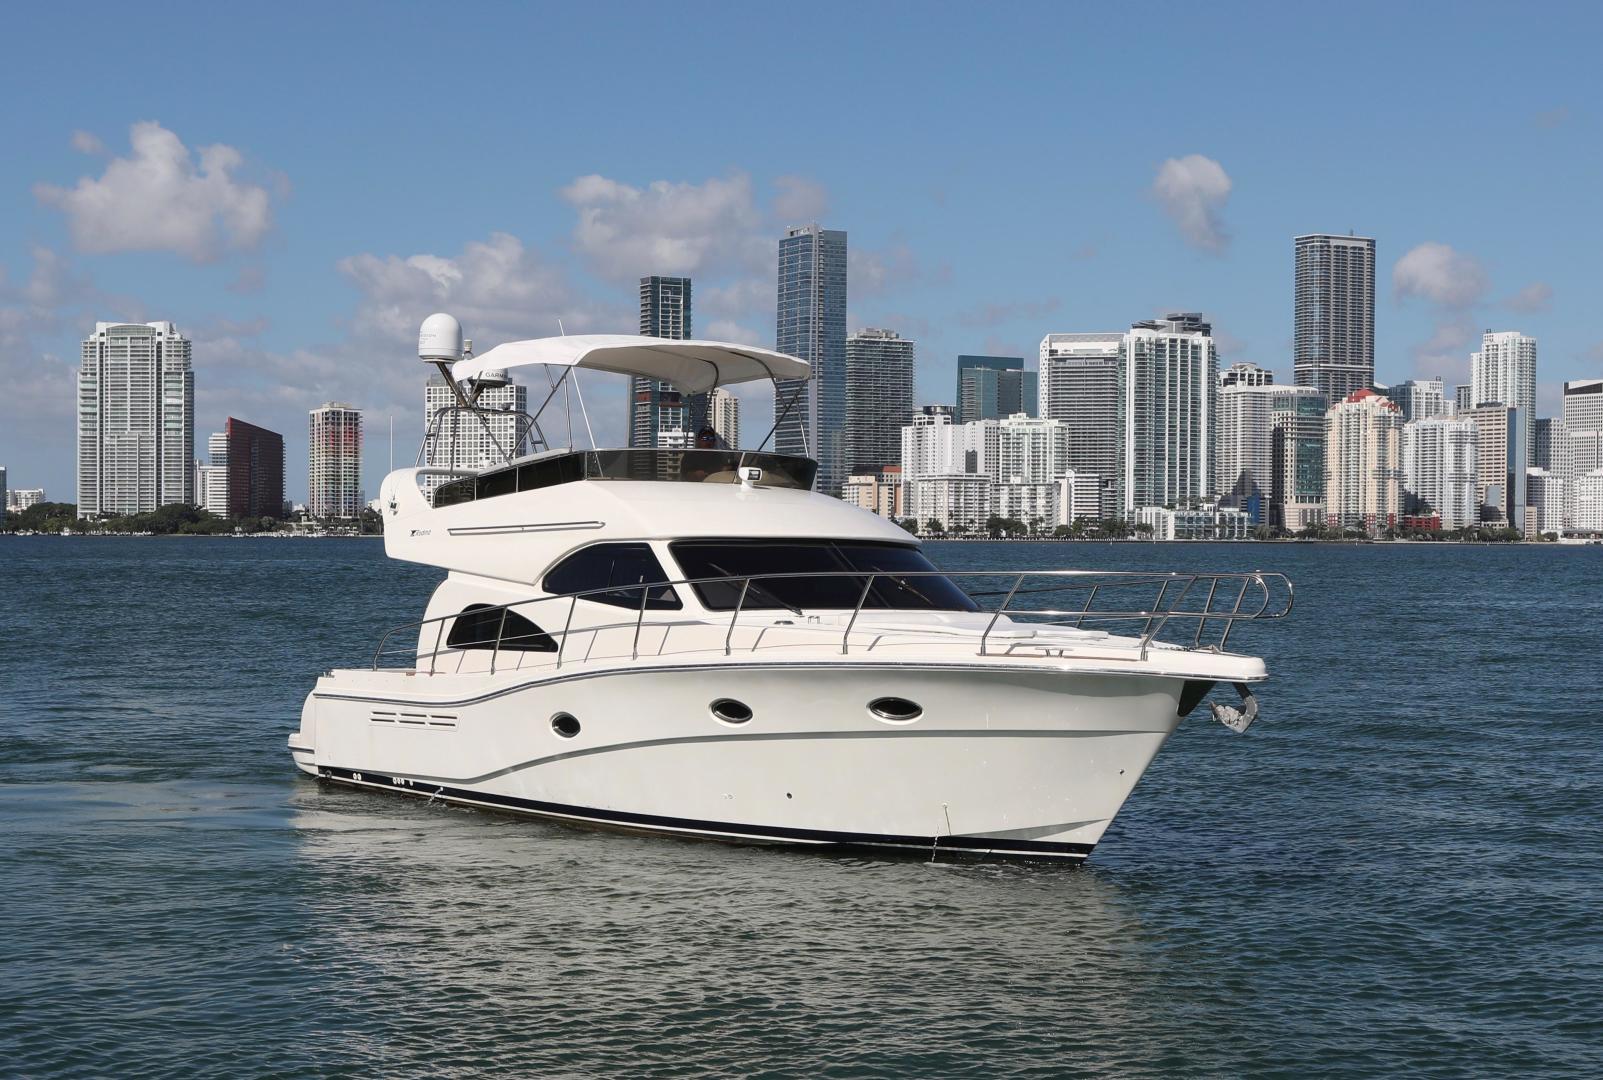 Rodman-Flybridge 2004-La Meli Miami Beach-Florida-United States-1566544 | Thumbnail